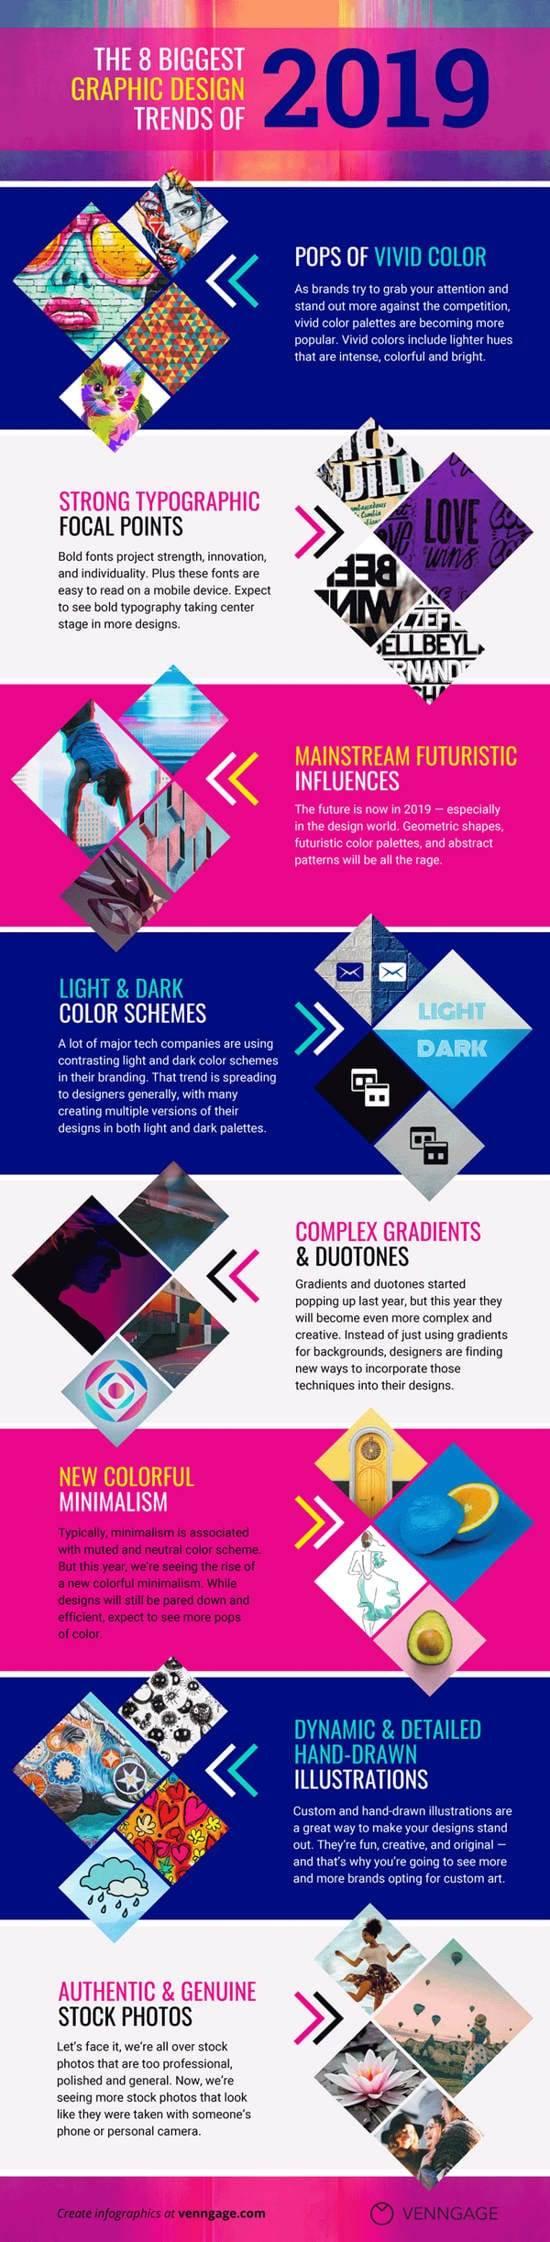 Tendencias en diseño gráfico para 2019 infografia